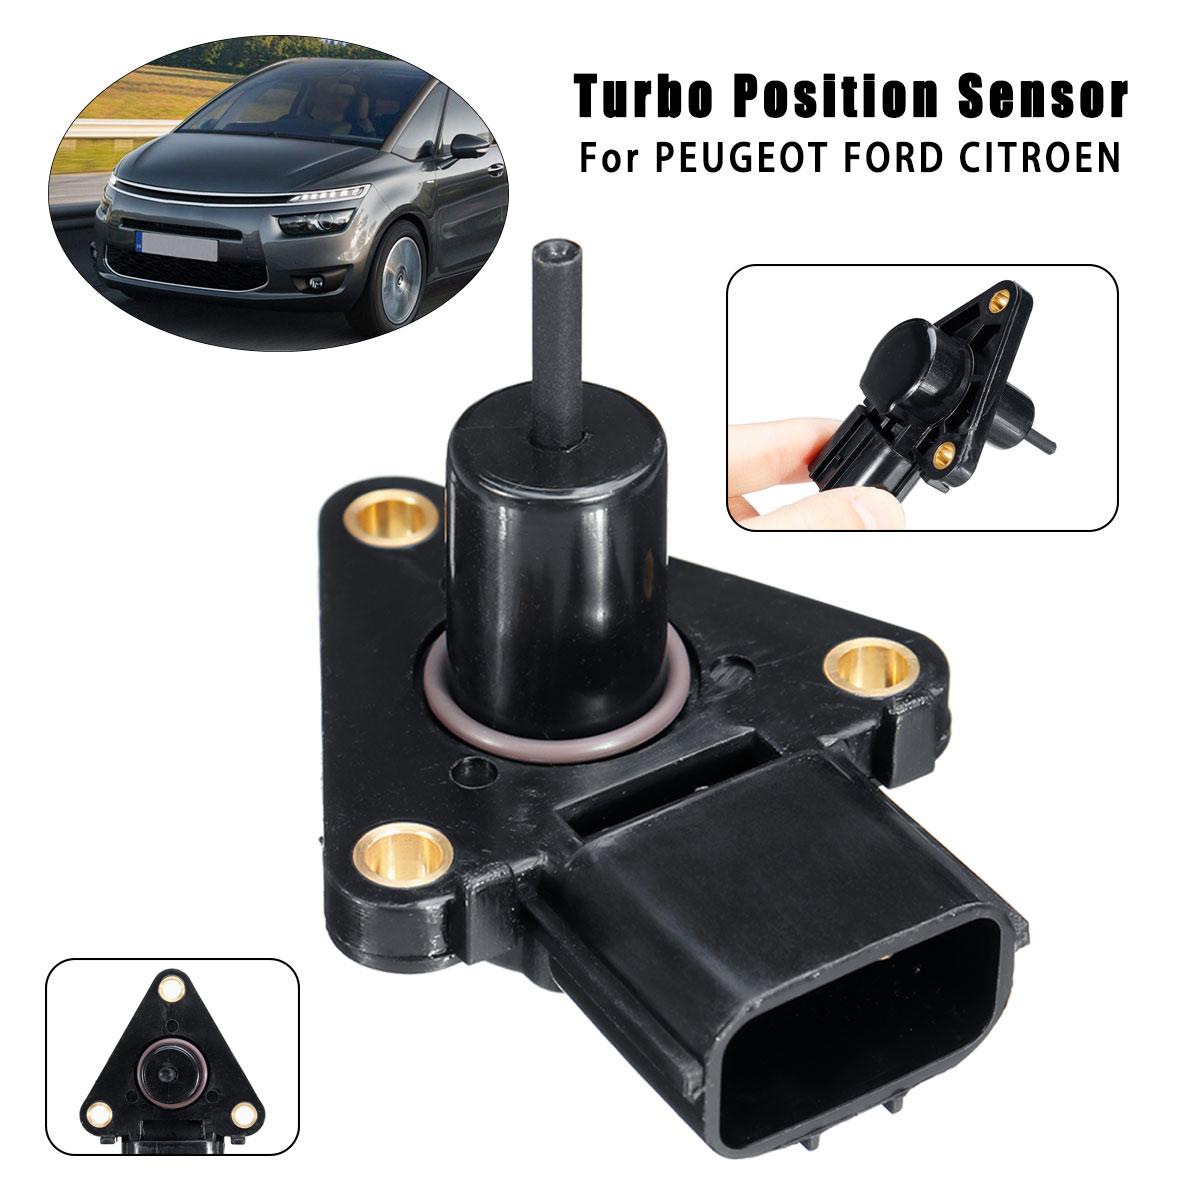 Turbo Charger Attuatore Sensore di Posizione Per Peugeot/Ford/Citroen 0375K1 0375K8